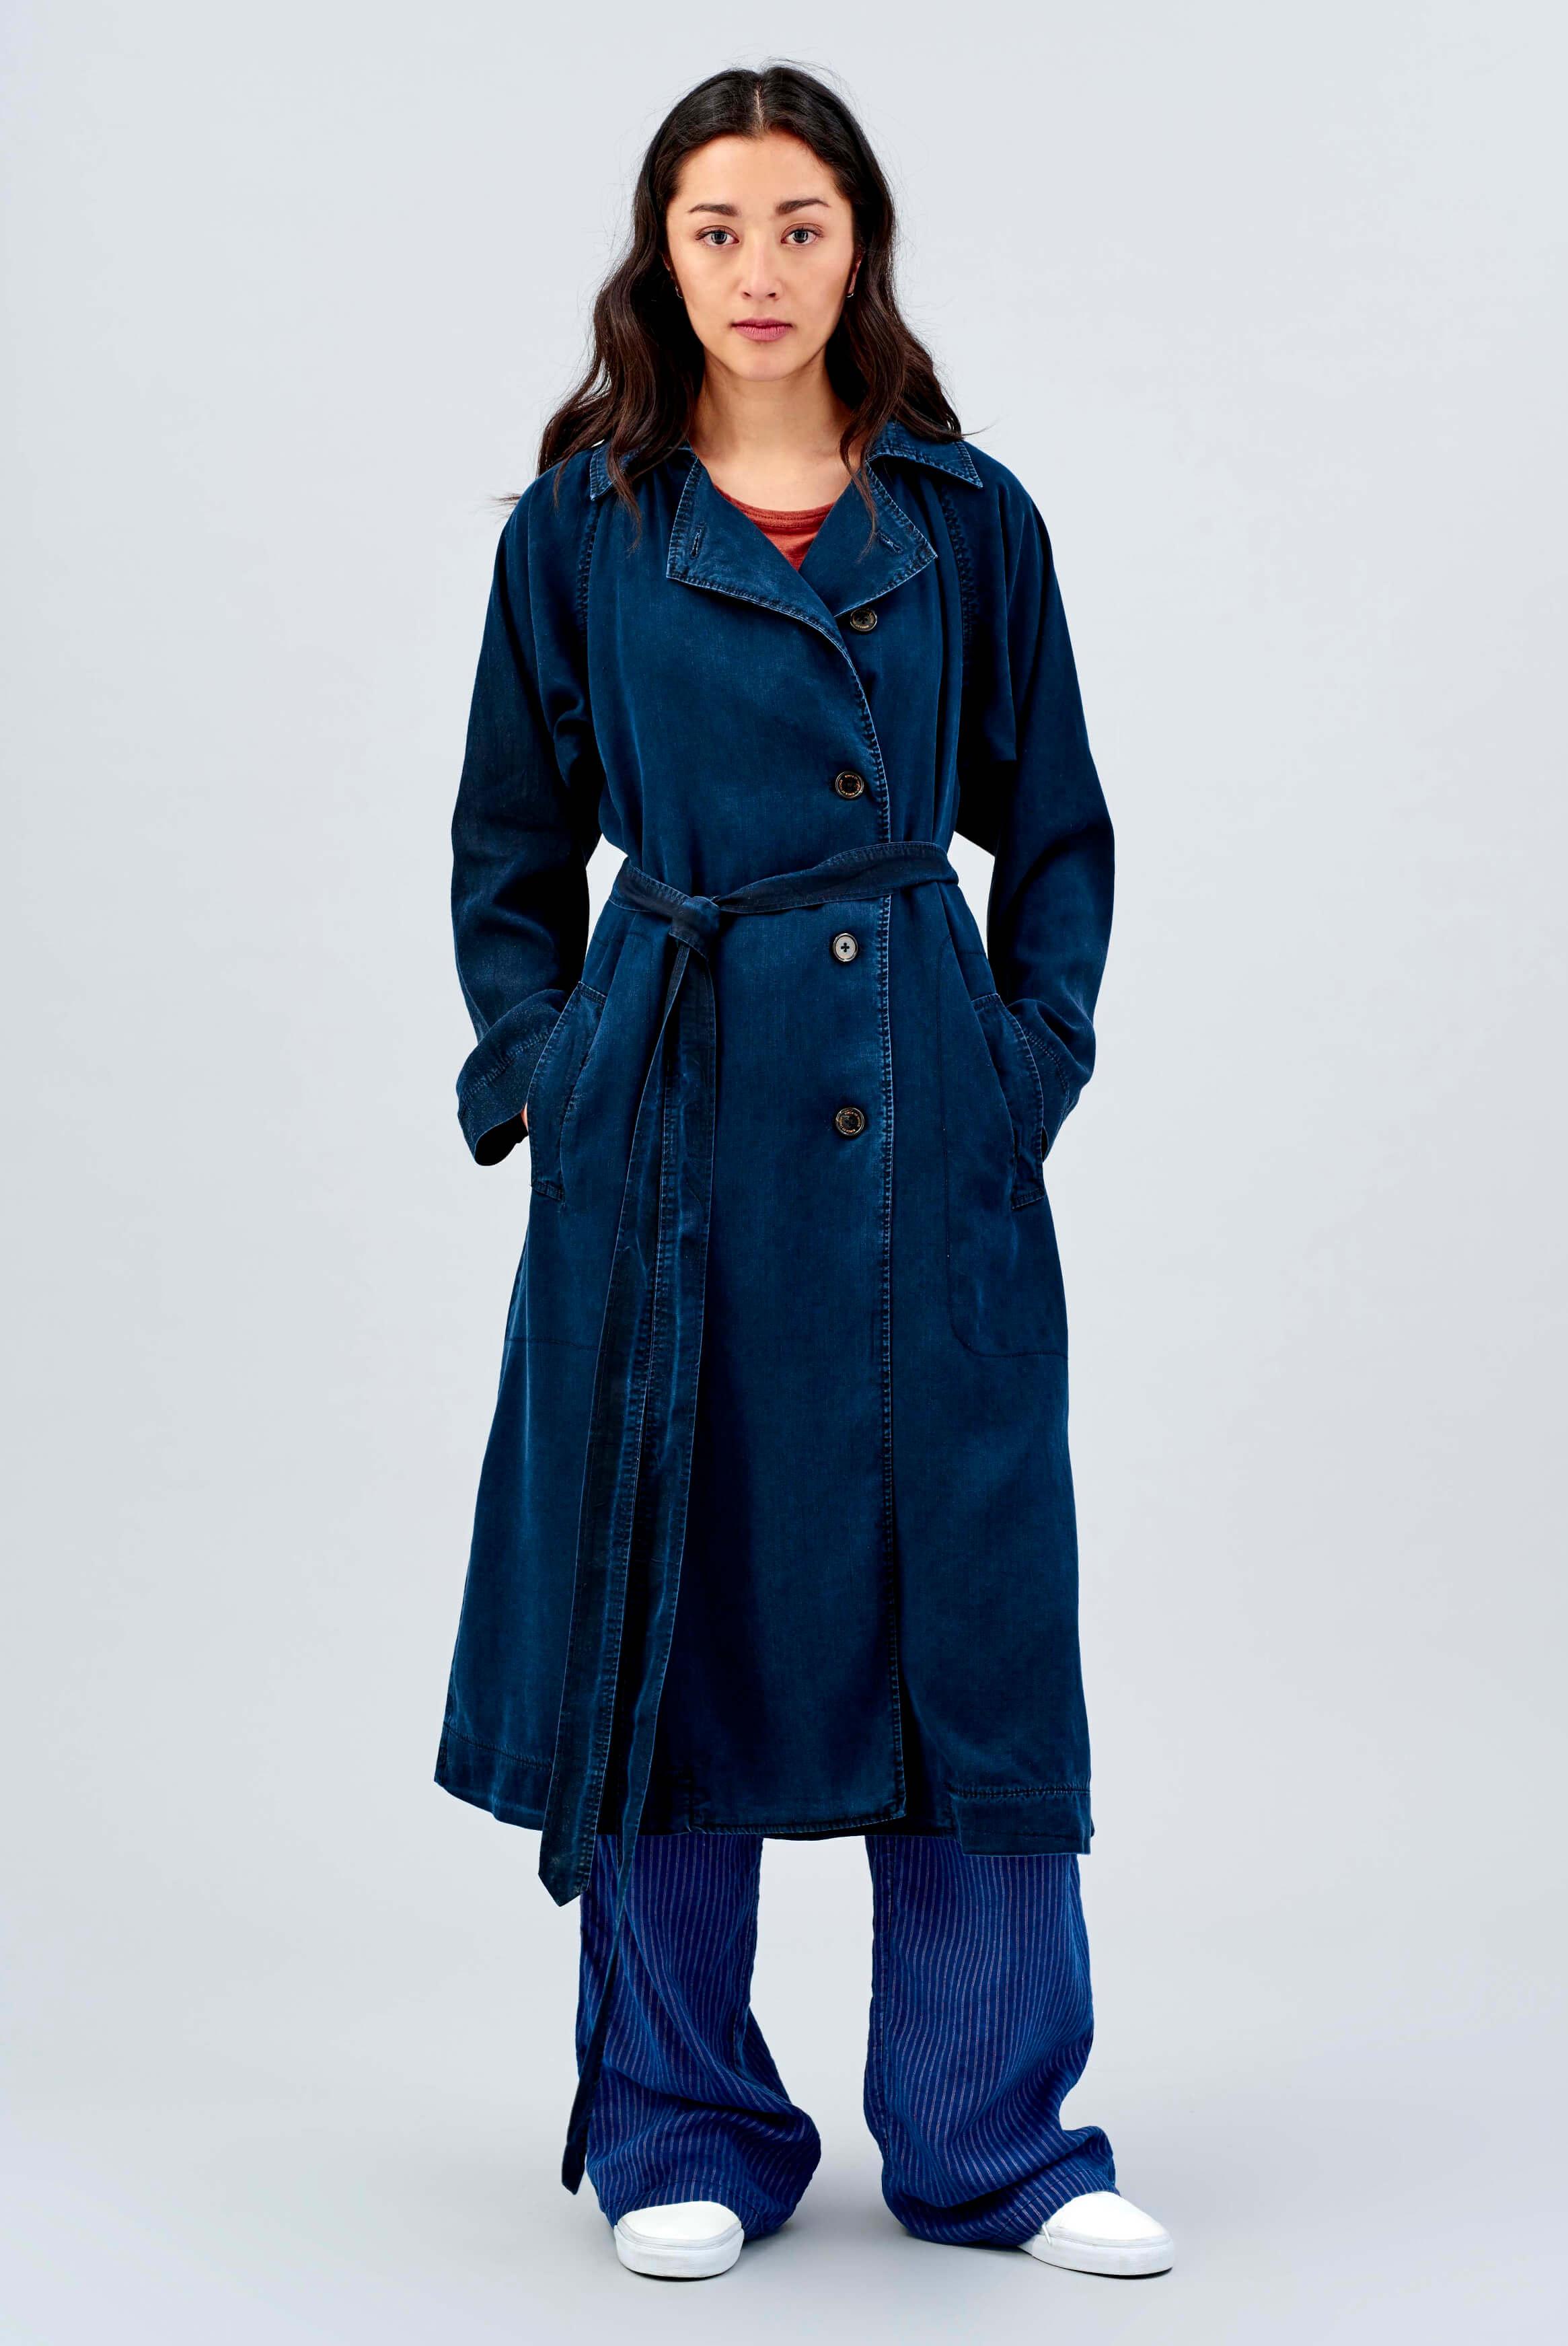 Details für Shop für authentische attraktive Farbe Trenchcoat Gladys Blau Schwarz